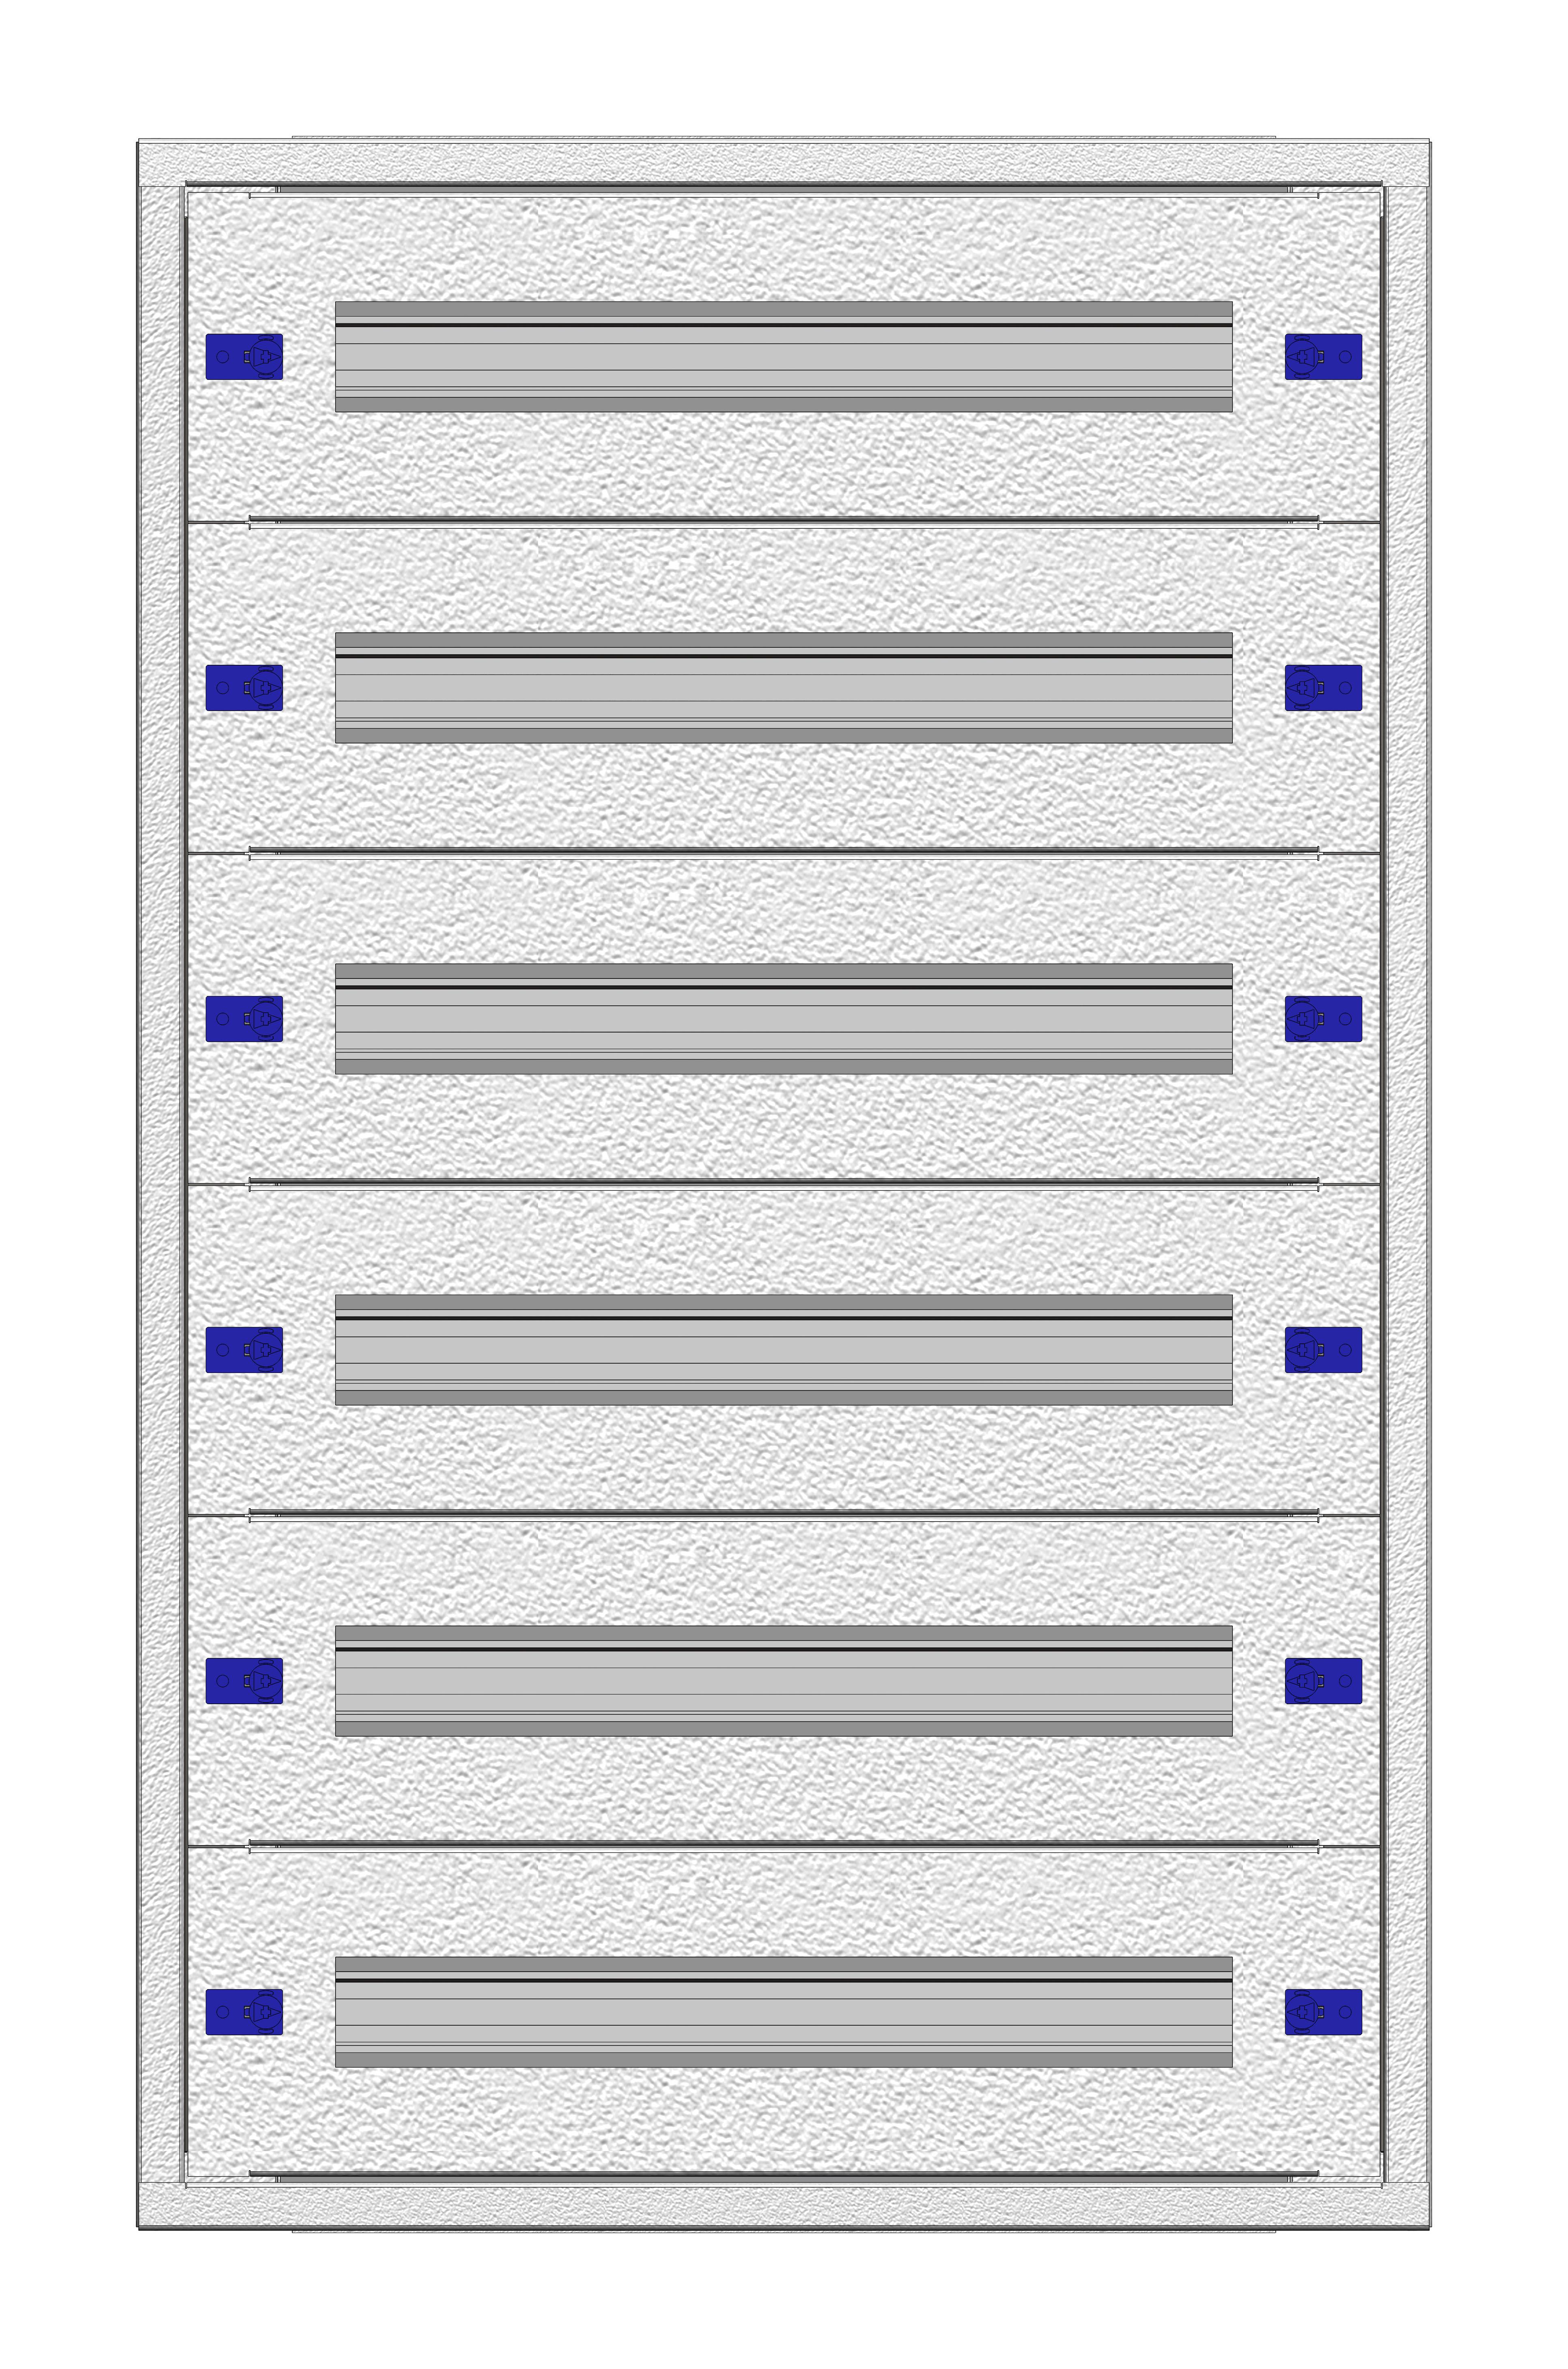 1 Stk Installationsverteiler Einsatz 2-18K, 6-reihig, Stahlblech IL148218--